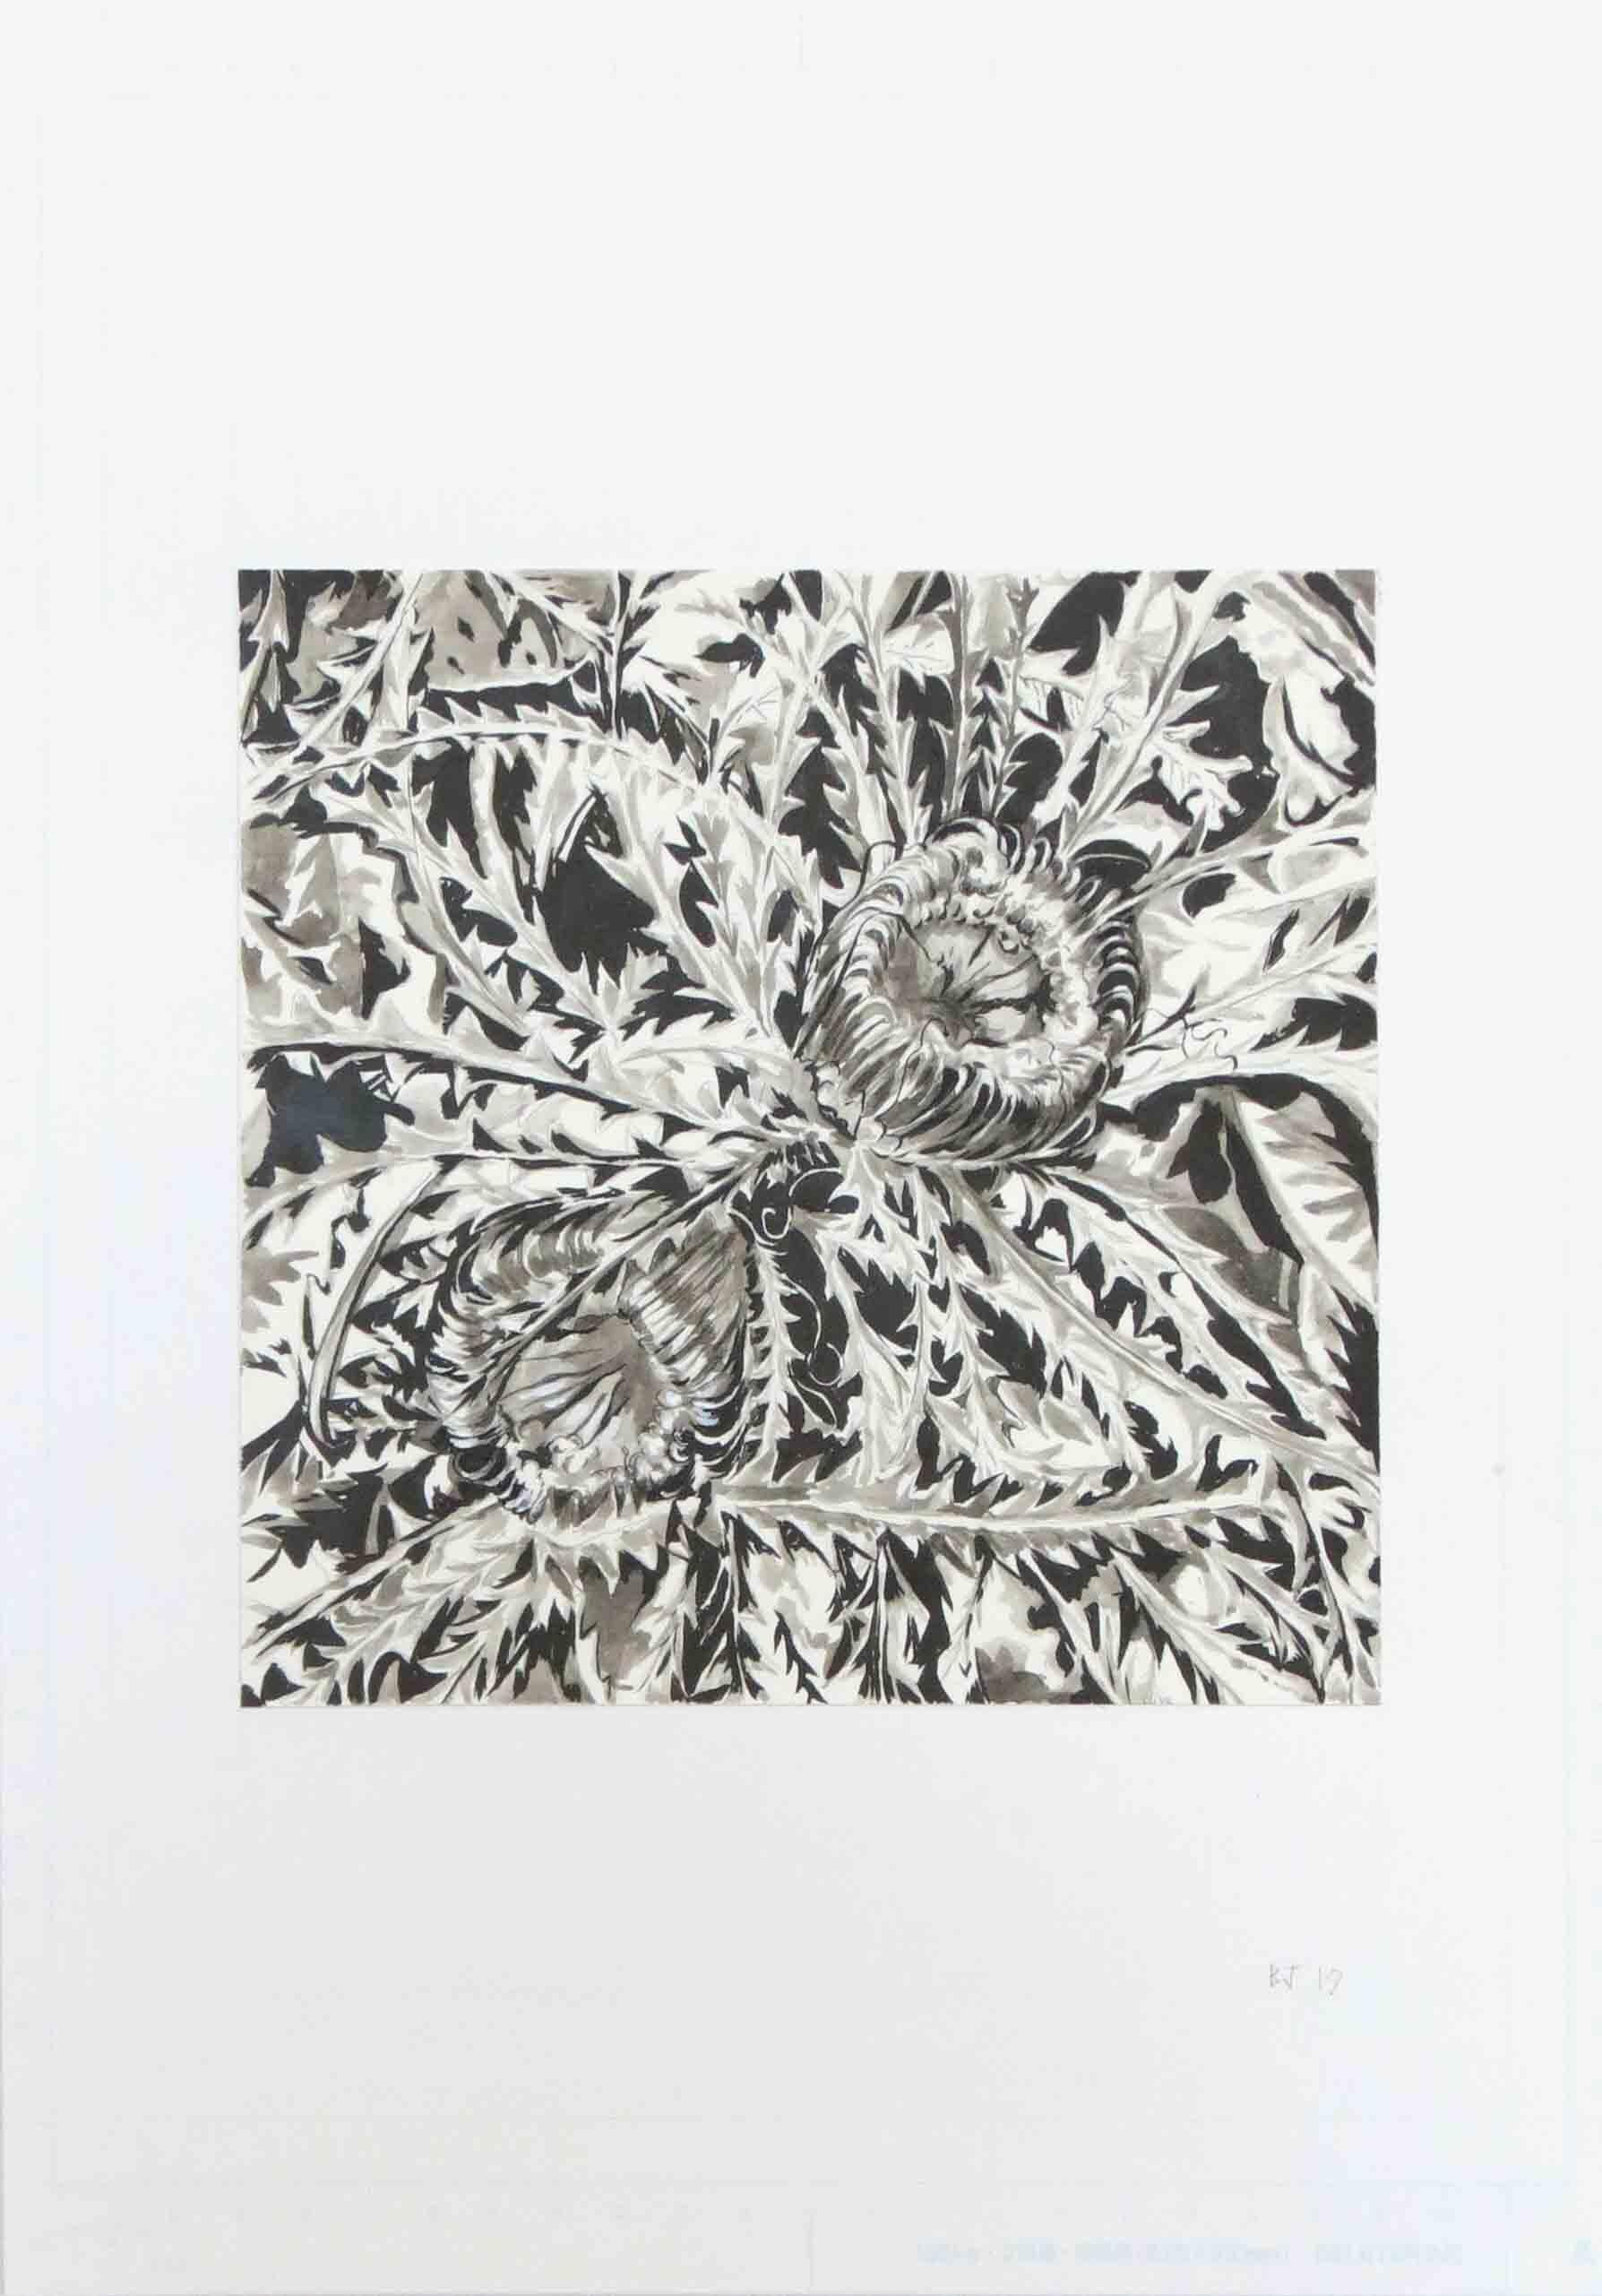 59. Ben Jones, On The Floor 2, 2019, ink on paper, 42 x 29.7 cm $280